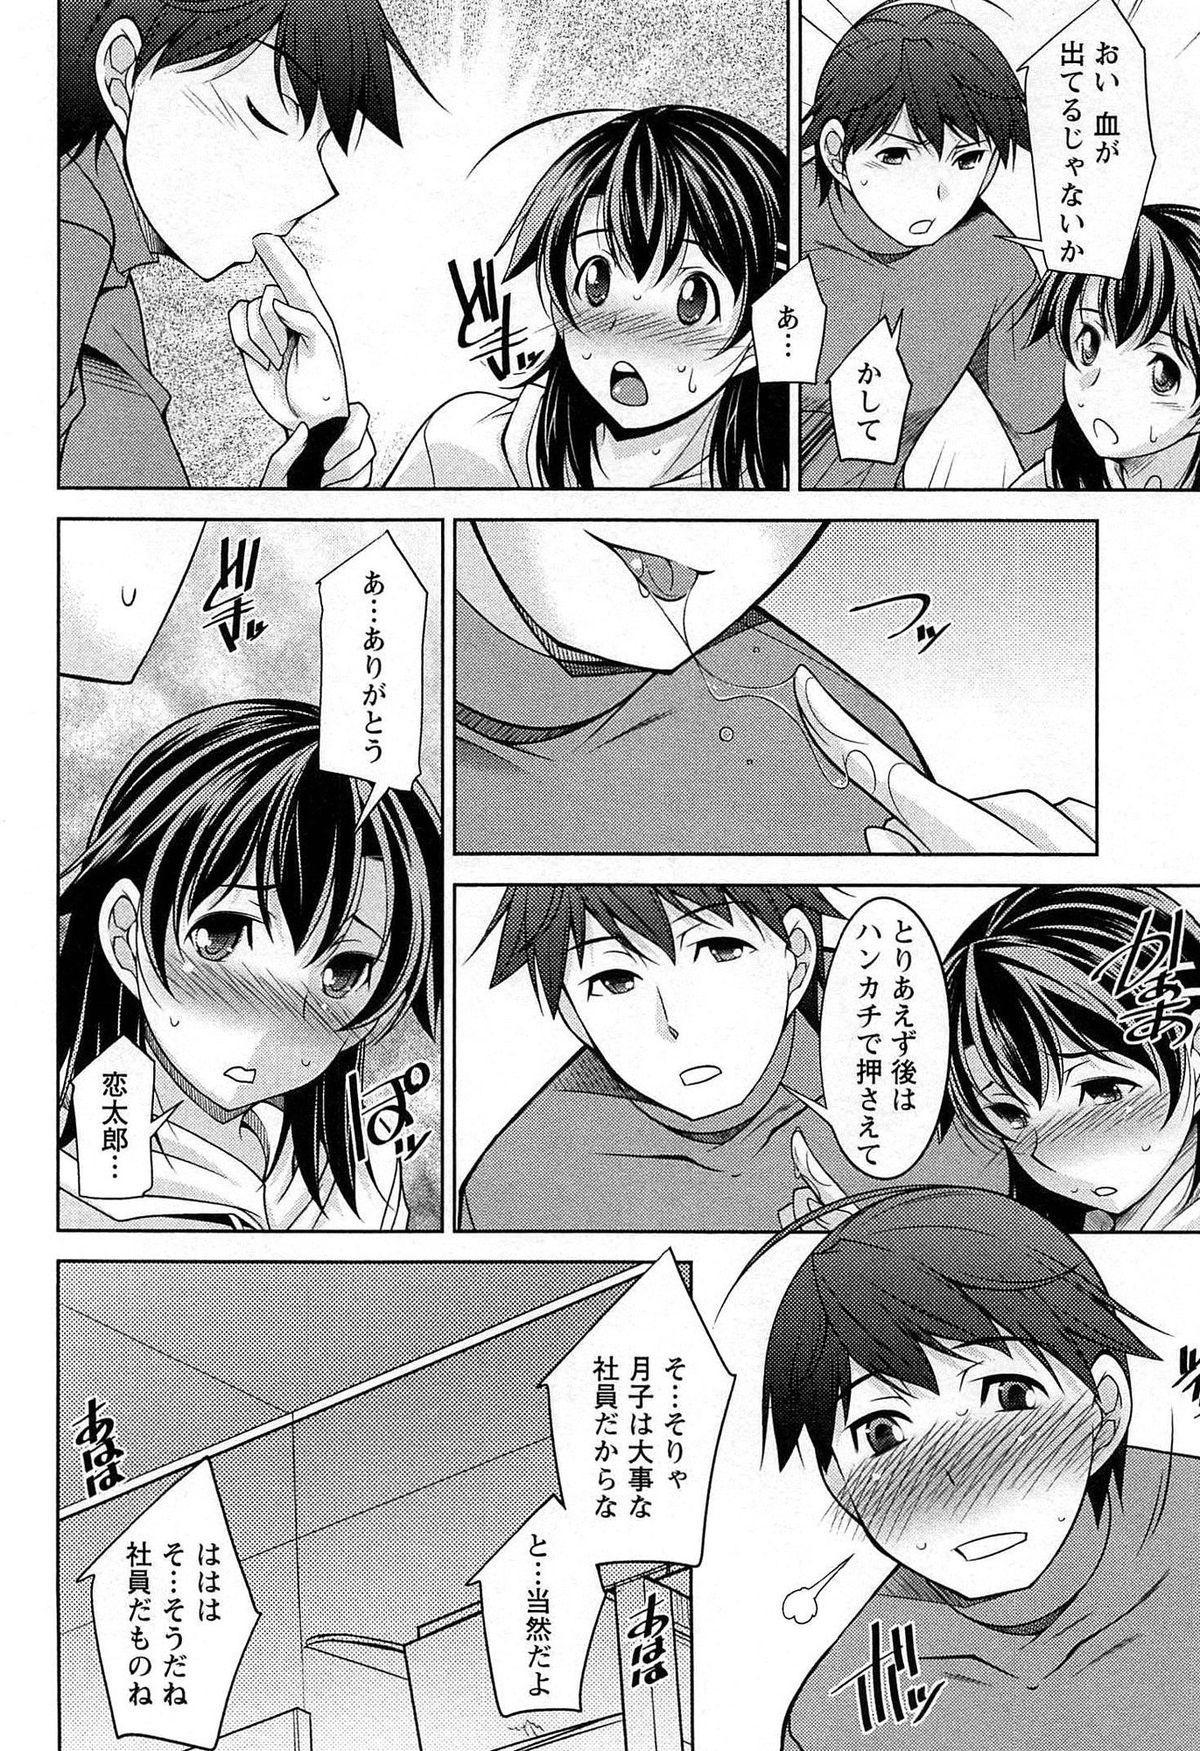 [zen9] Tsuki-wo Ai-Shite - Tsuki-ni Koi-shite 2 12